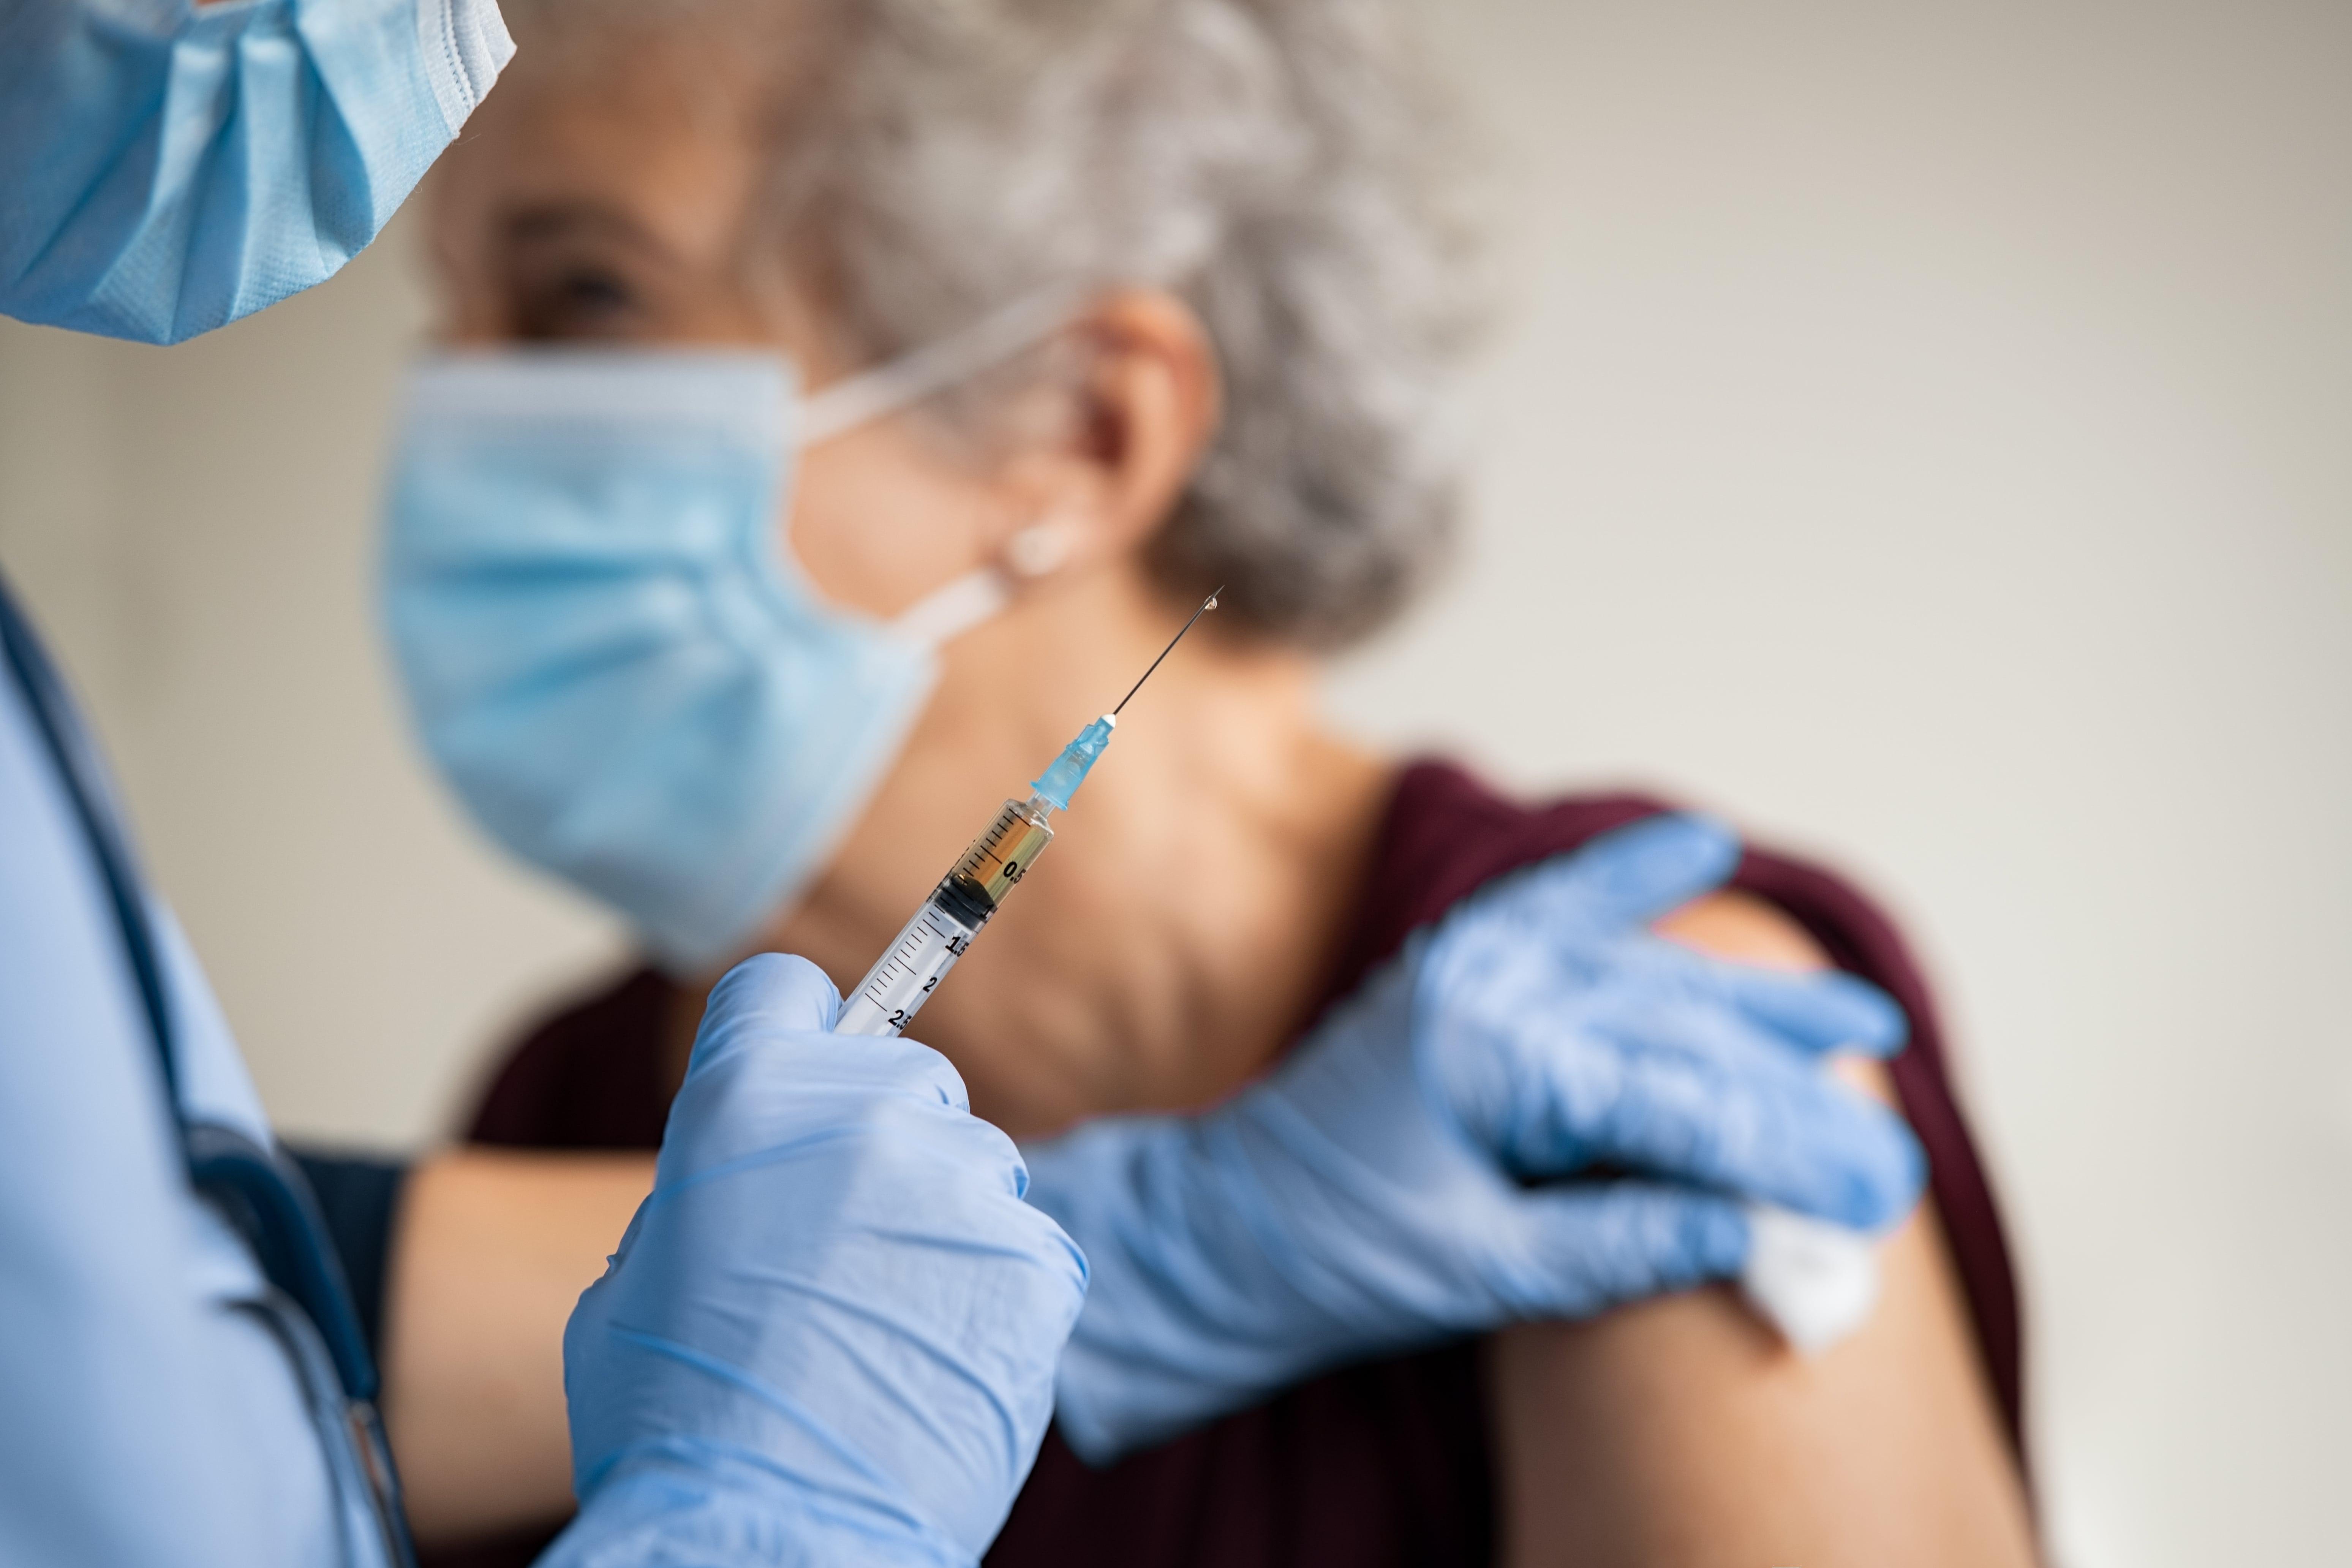 Risikogruppen haben Vorrang bei der Corona-Impfung